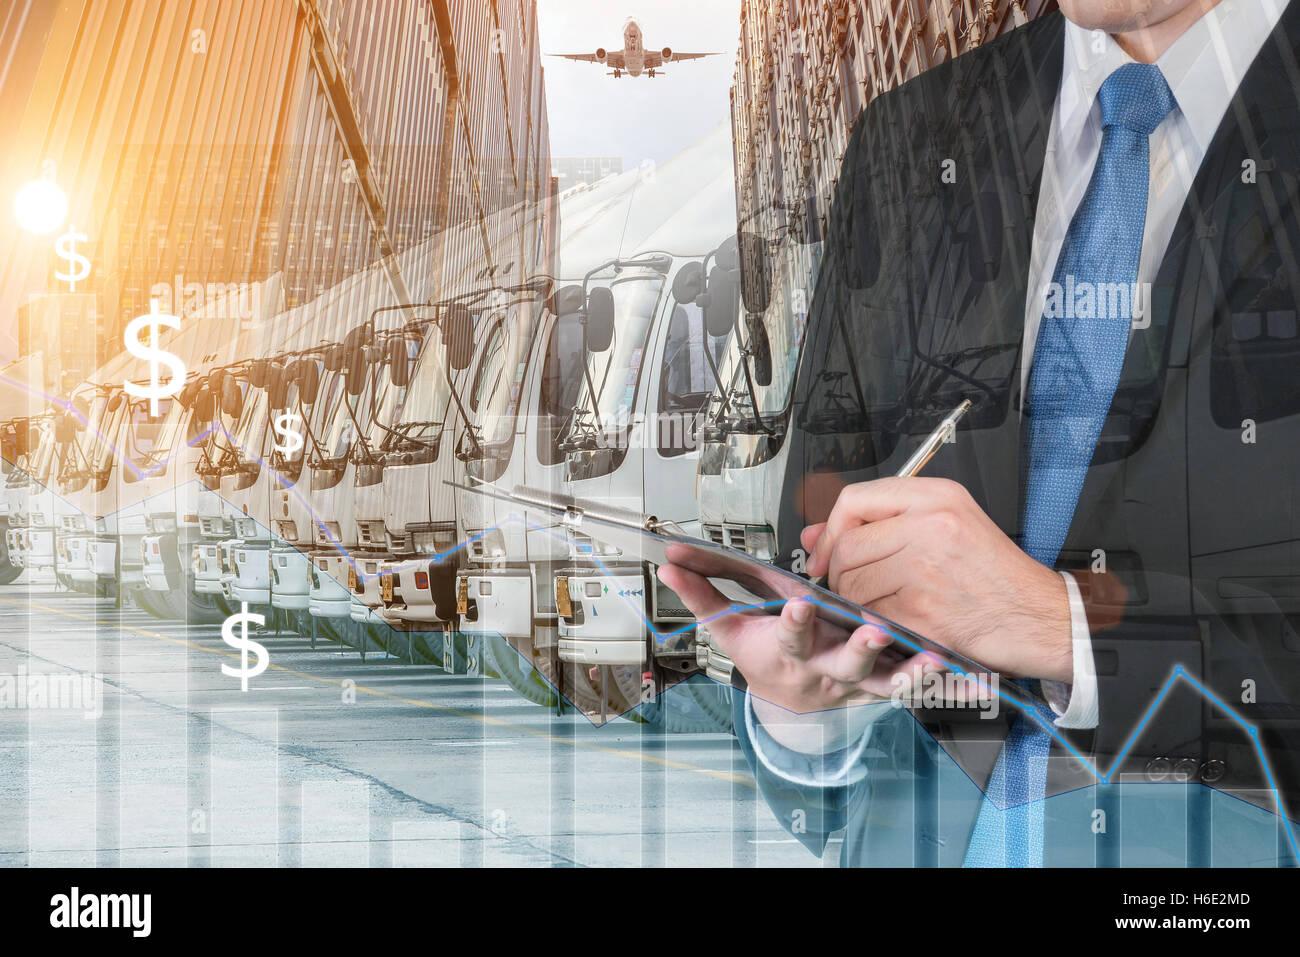 La doppia esposizione di imprenditore è prenotazione scambi con sfocato cargo e trasporto carrello. Trasporti Immagini Stock